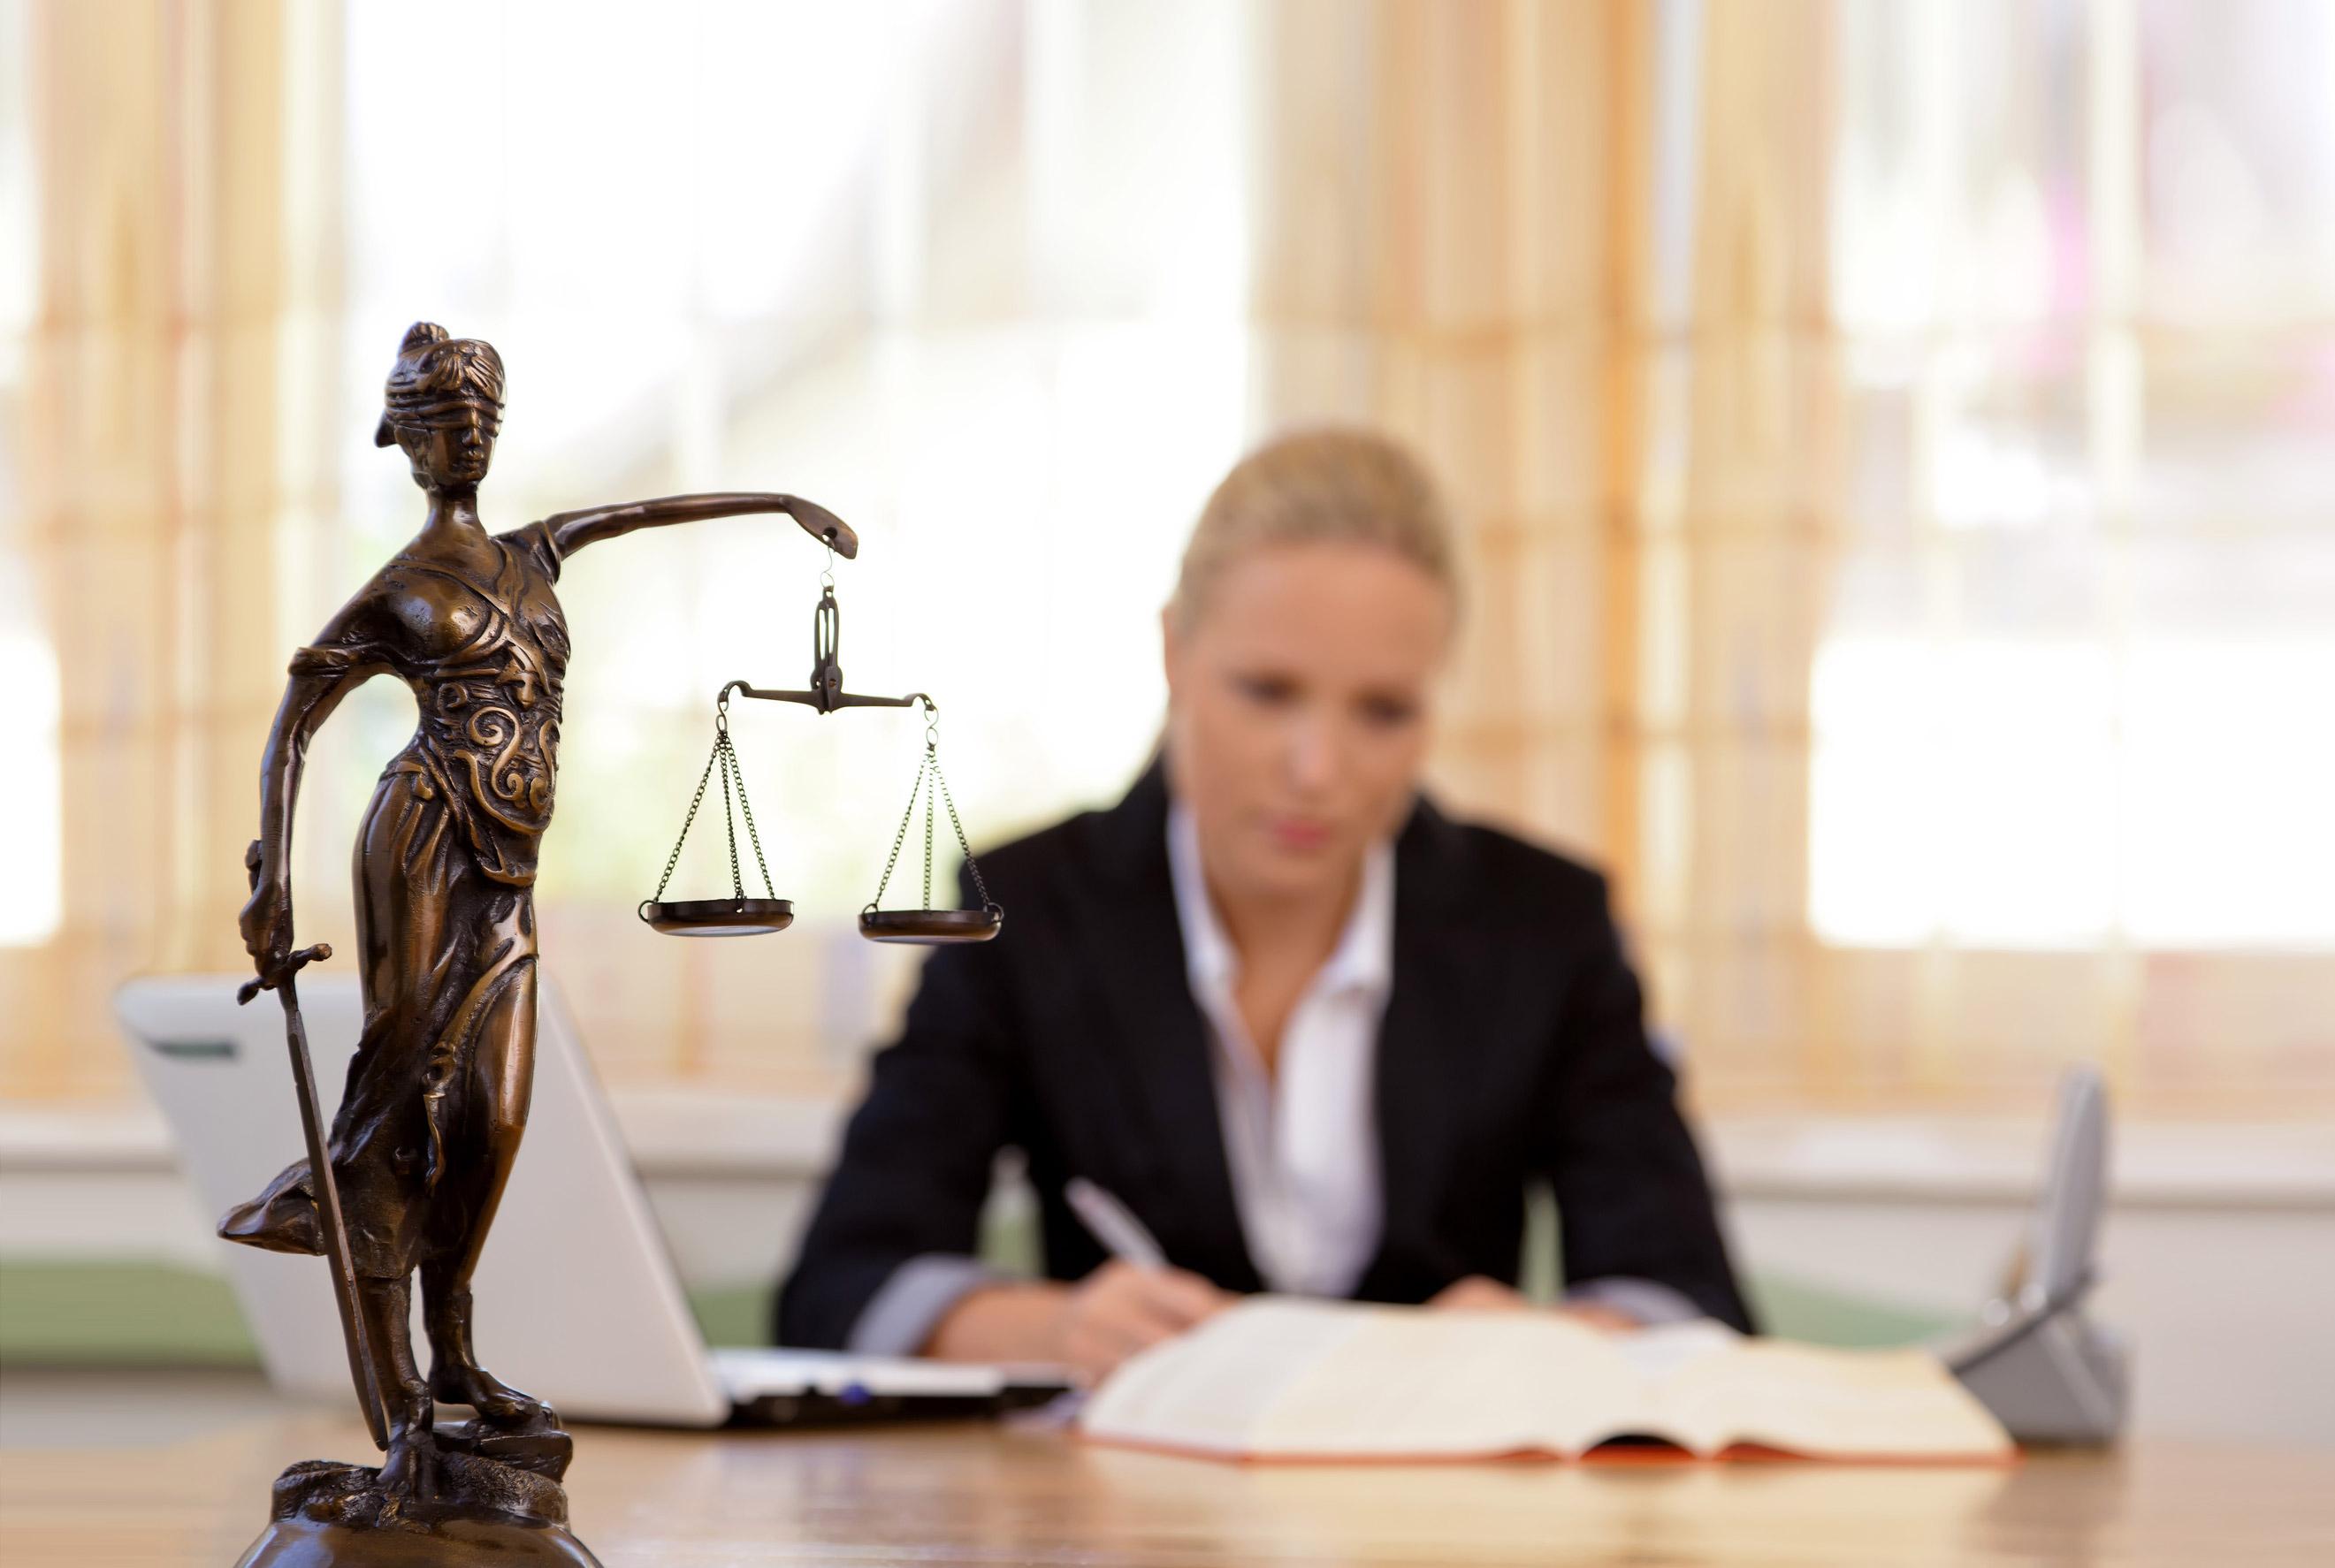 ТОП-1 Лучшие юридические компании России - Право ru